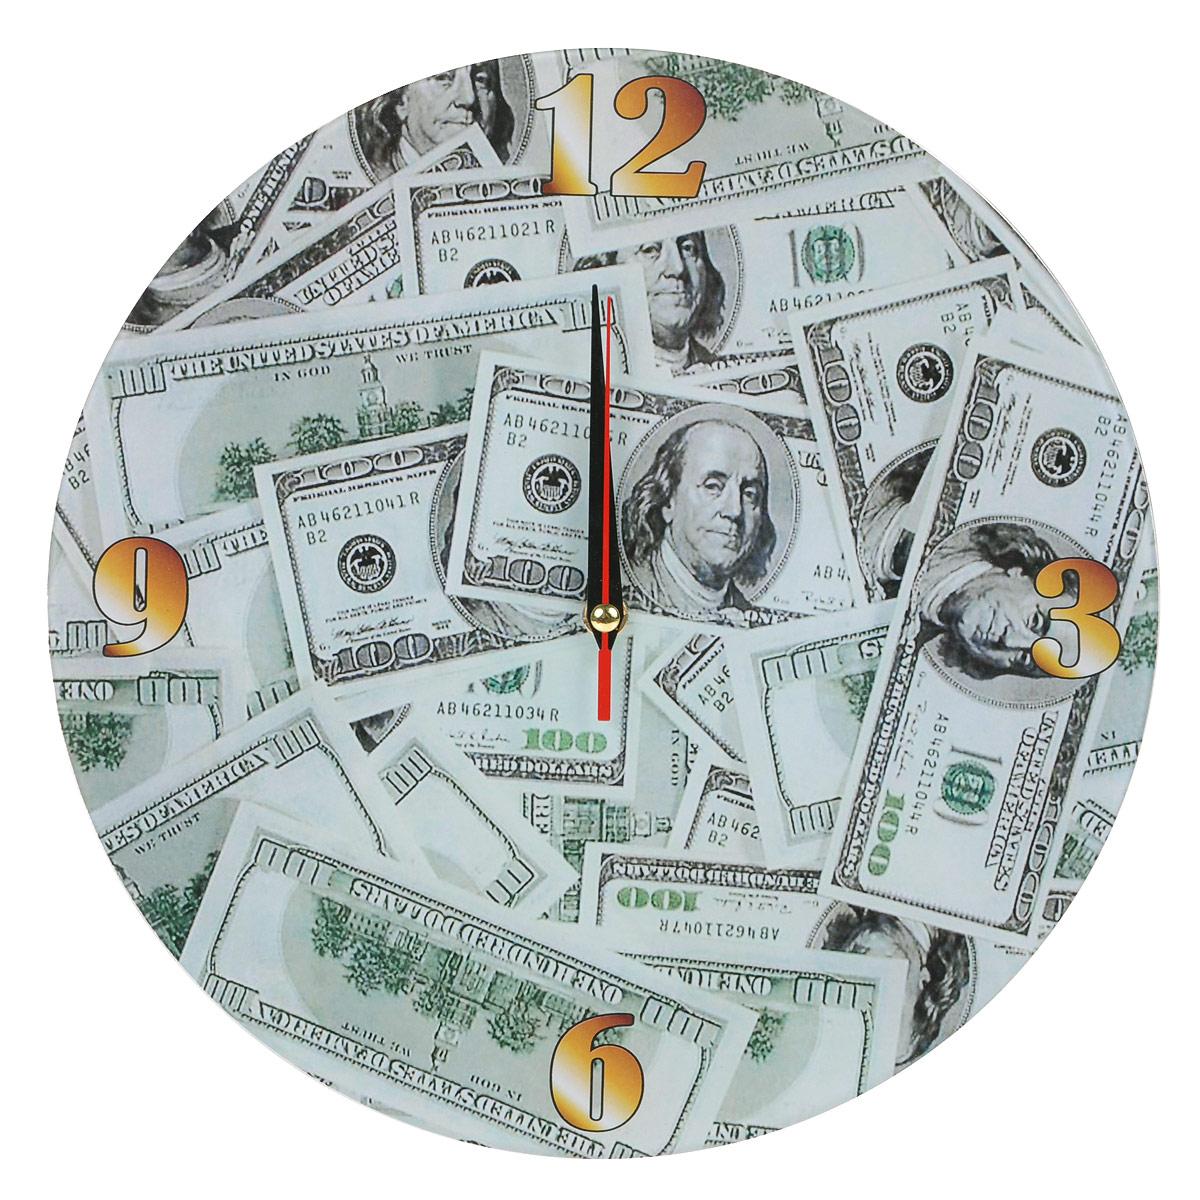 Часы настенные Доллары, стеклянные, цвет: зеленый. 9530595305Оригинальные настенные часы Доллары круглой формы выполнены из стекла и оформлены изображением долларов. Часы имеют три стрелки - часовую, минутную и секундную. Циферблат часов не защищен. Необычное дизайнерское решение и качество исполнения придутся по вкусу каждому. Оформите свой дом таким интерьерным аксессуаром или преподнесите его в качестве презента друзьям, и они оценят ваш оригинальный вкус и неординарность подарка. Характеристики: Материал: пластик, стекло. Диаметр: 28 см. Работают от батарейки типа АА (в комплект не входит).